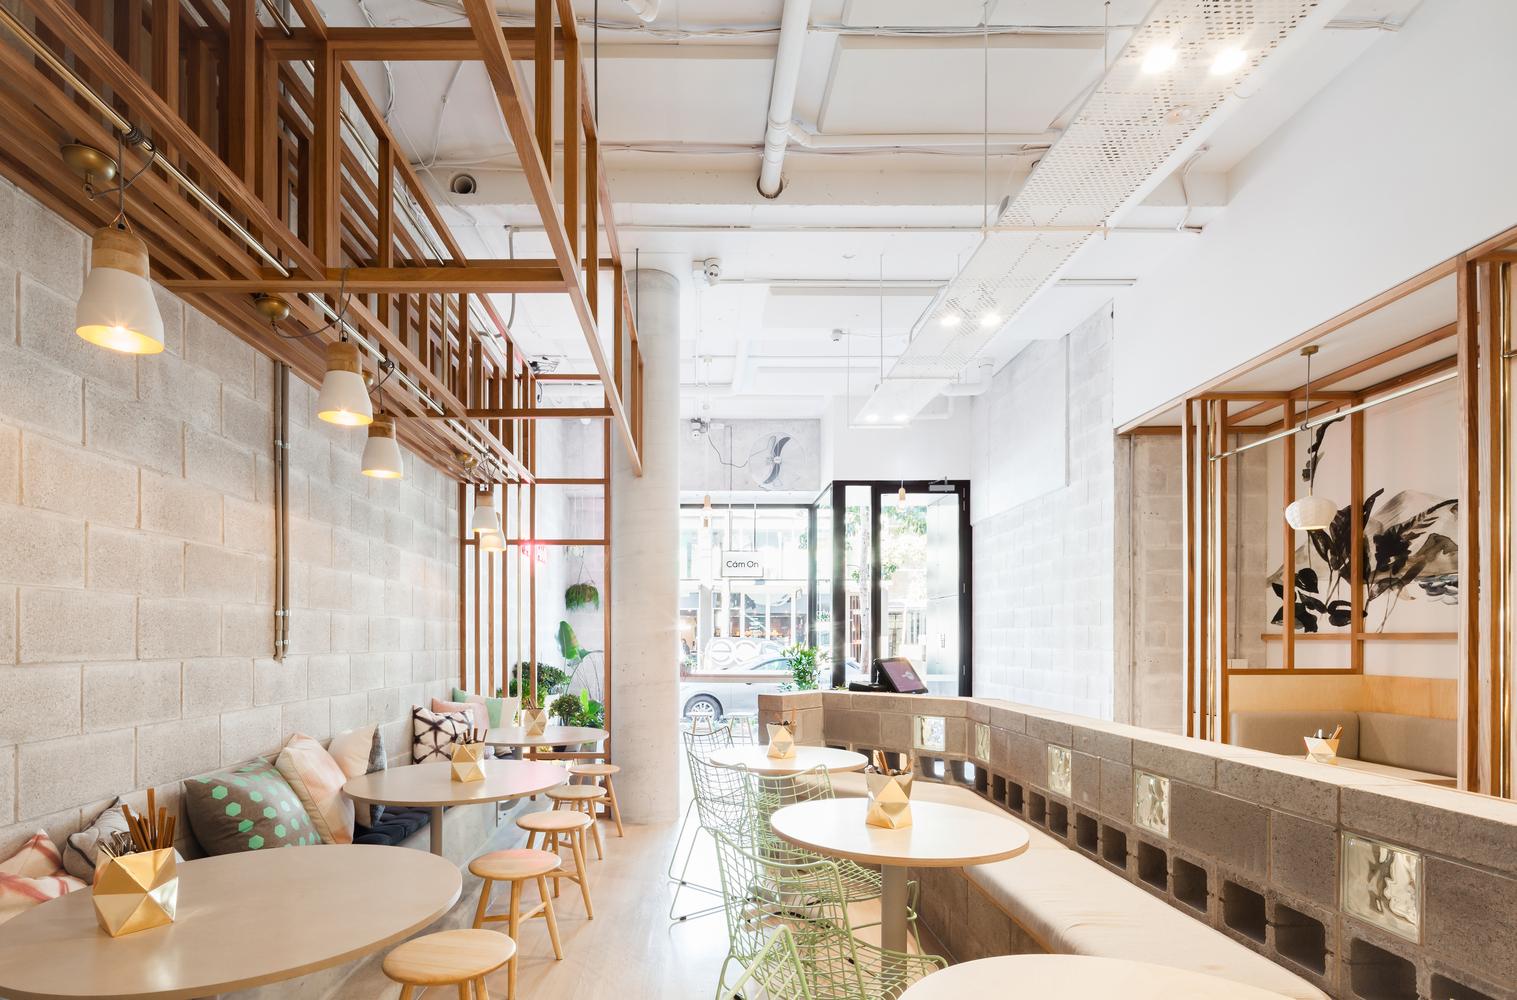 Mejor Restaurante en Australia y el Pacífico: So 9 (Sidney, Australia) / Brand Works